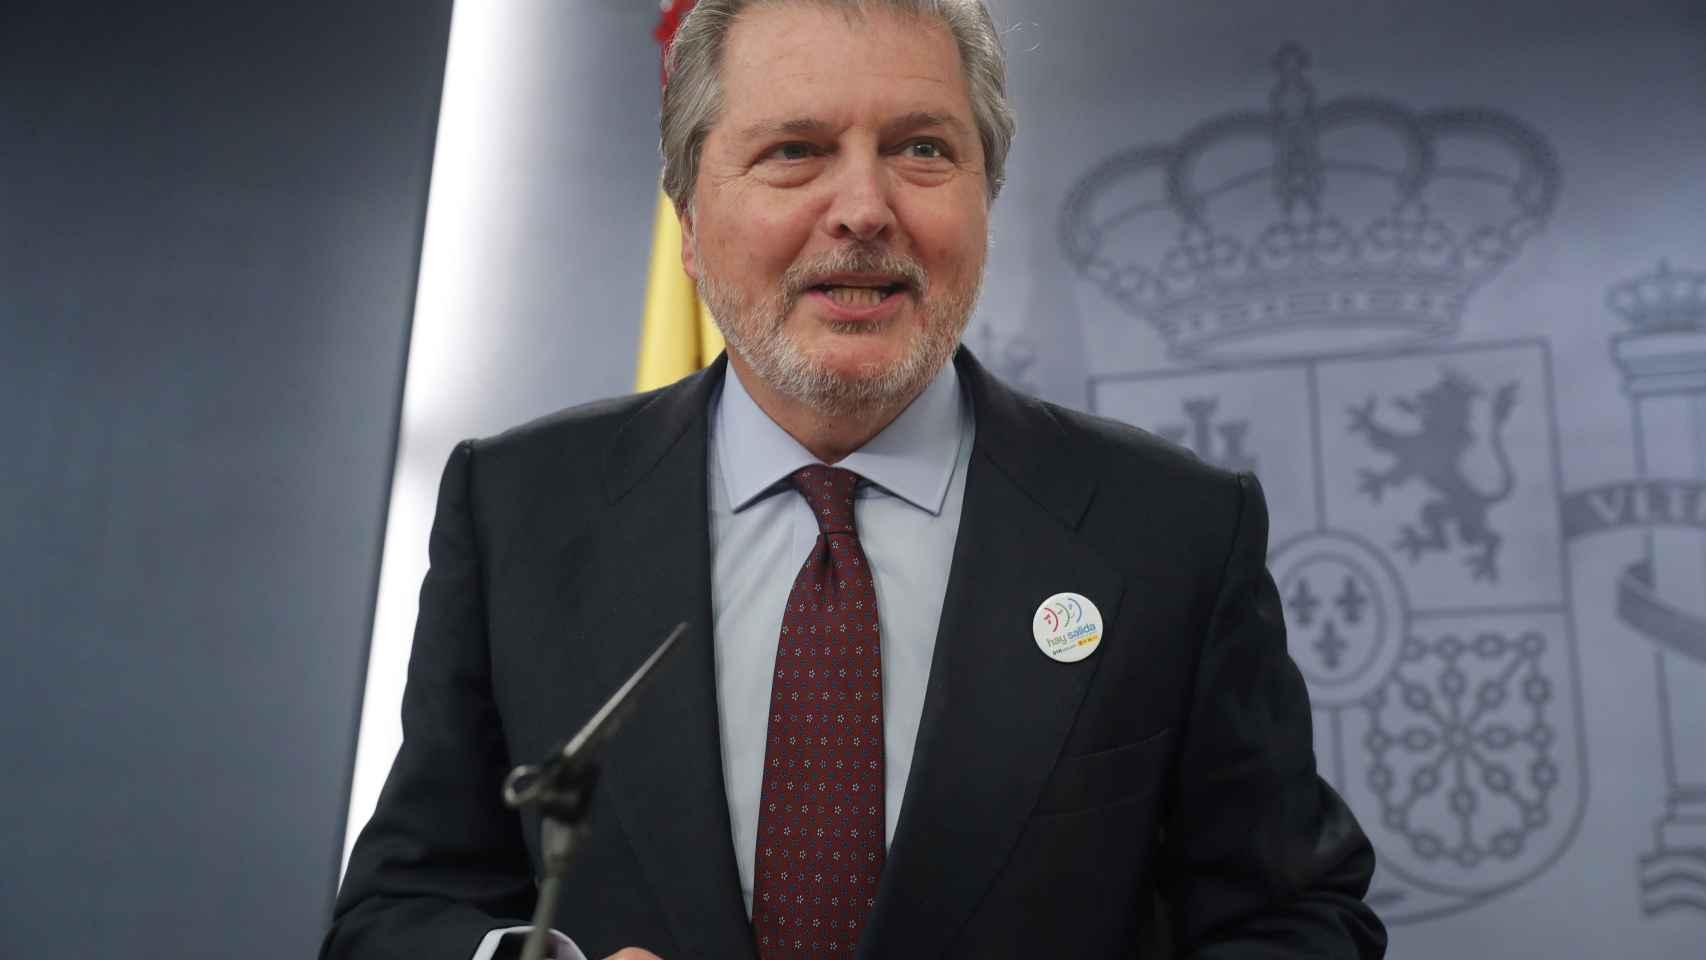 El ministro de Educación Méndez de Vigo en la rueda de prensa posterior al Consejo de Ministros